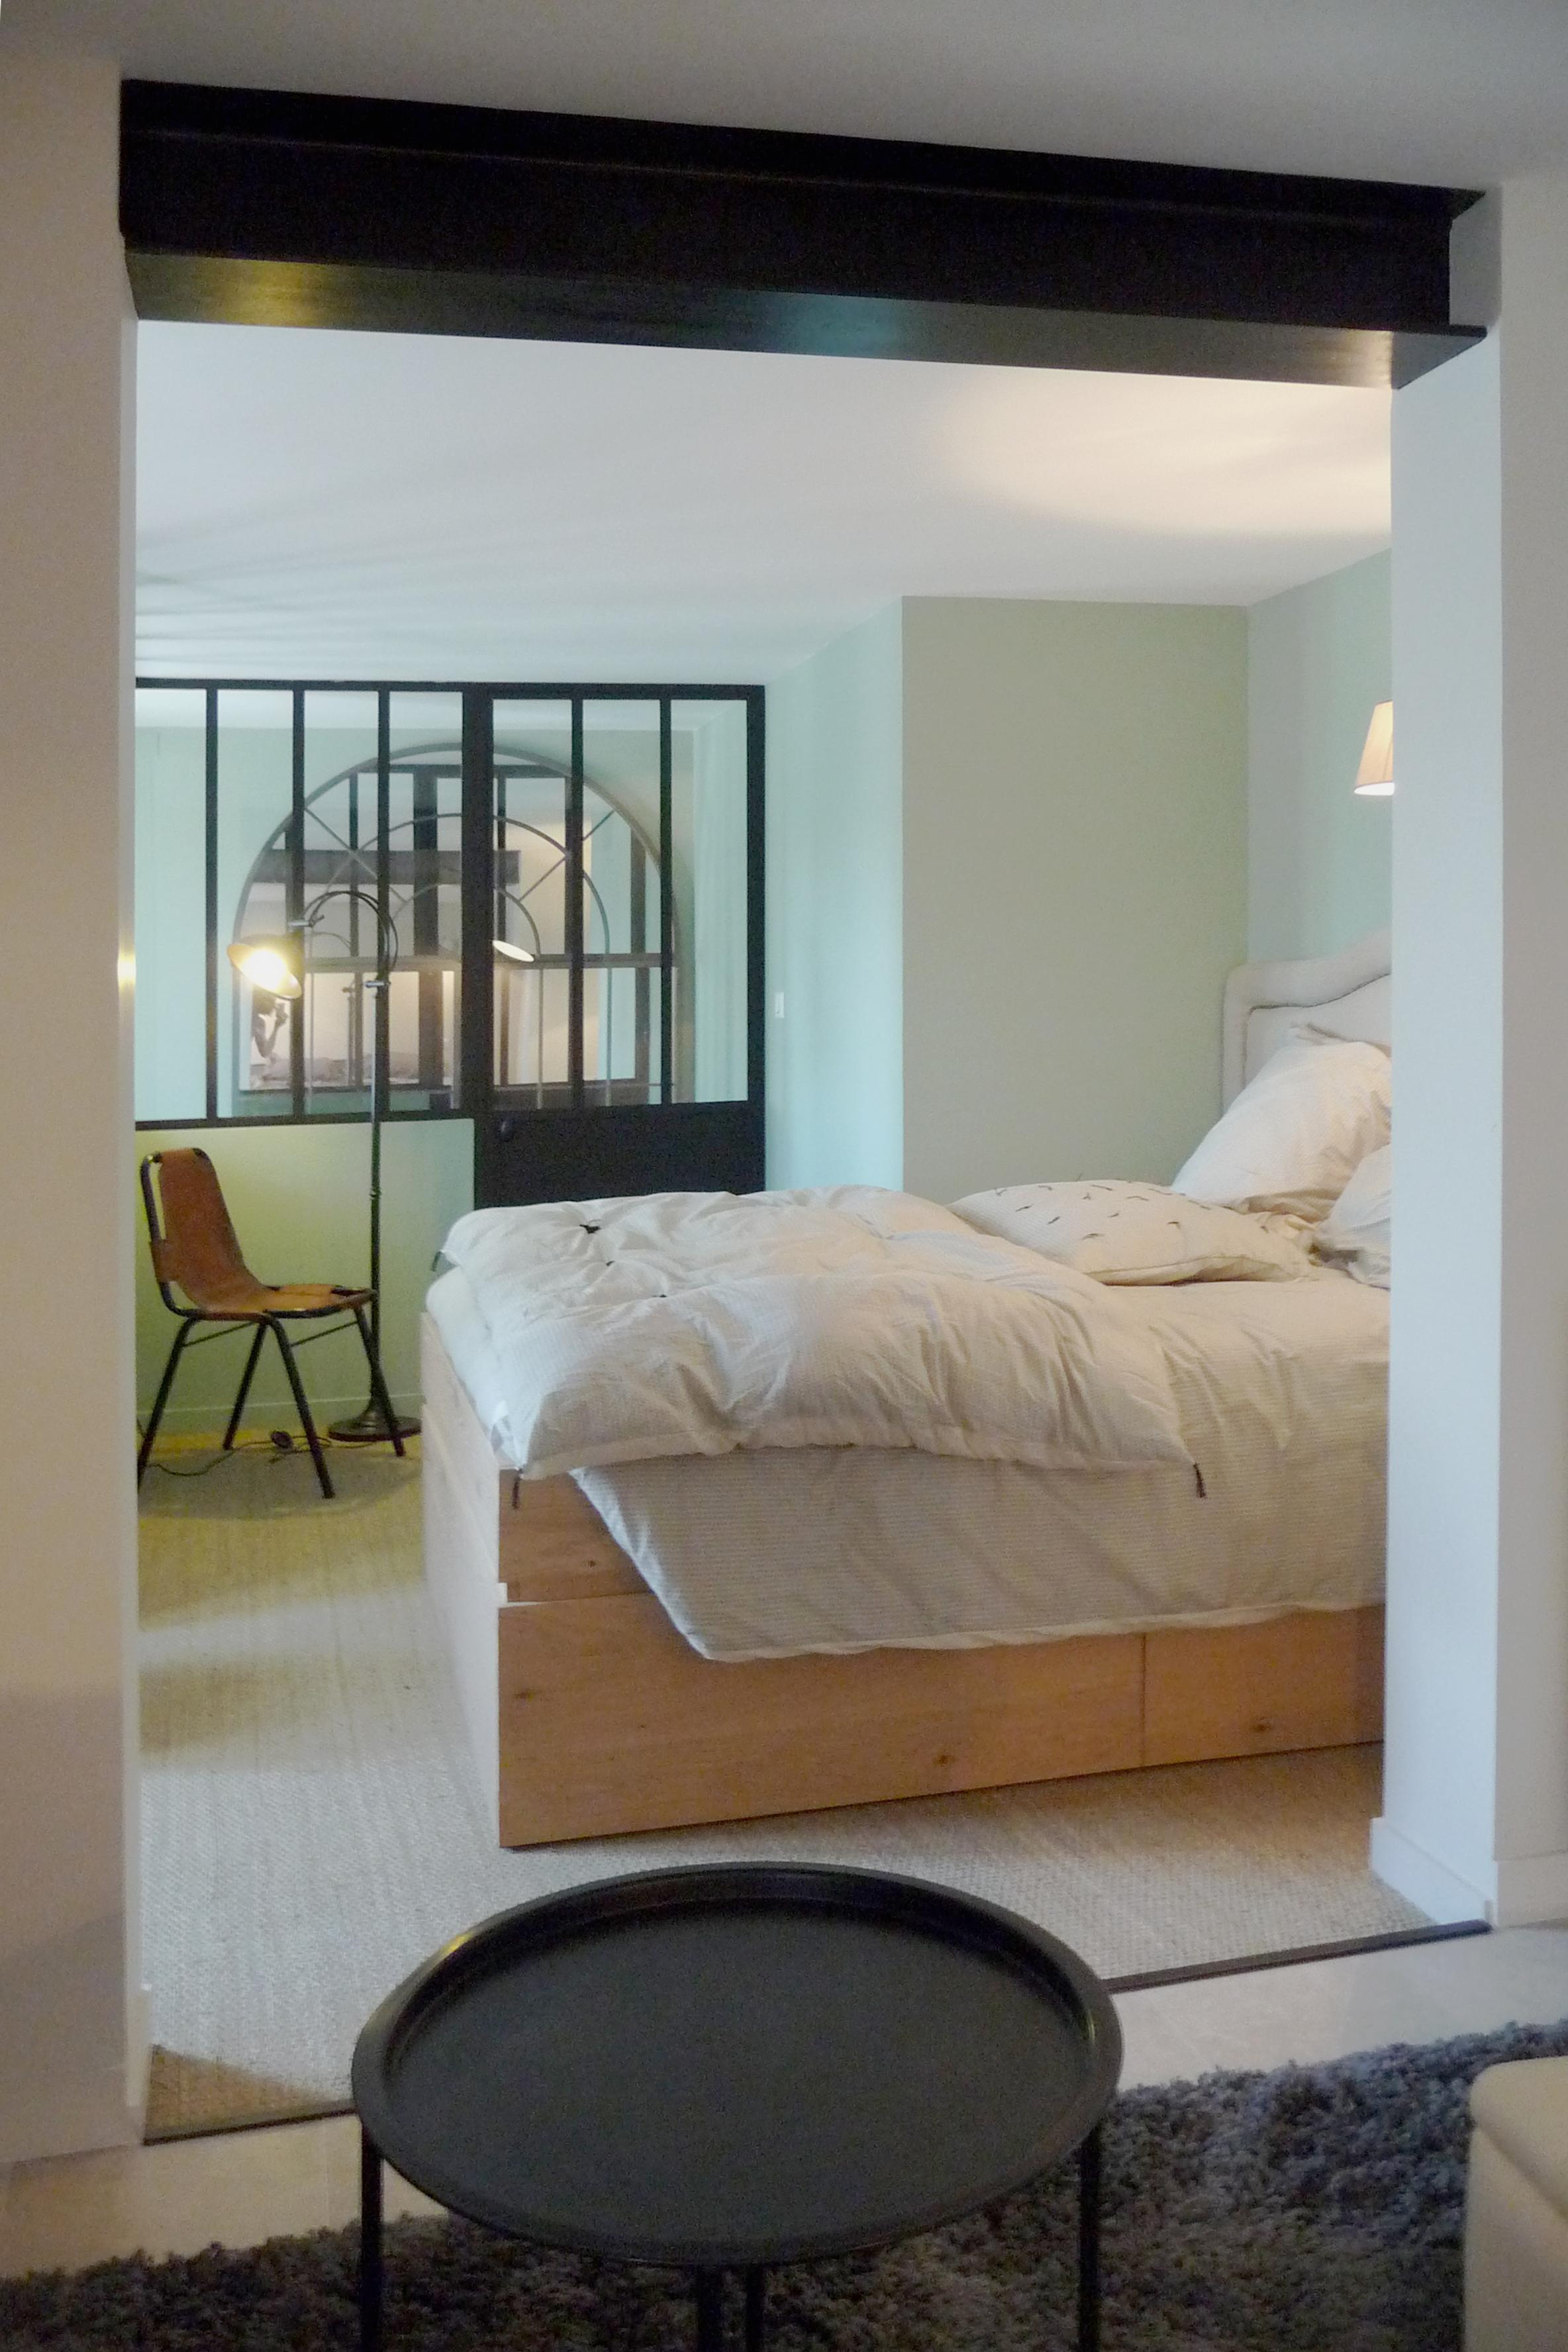 Architecte d'intérieur - Réaménagement d'une maison de ville - Angoulême